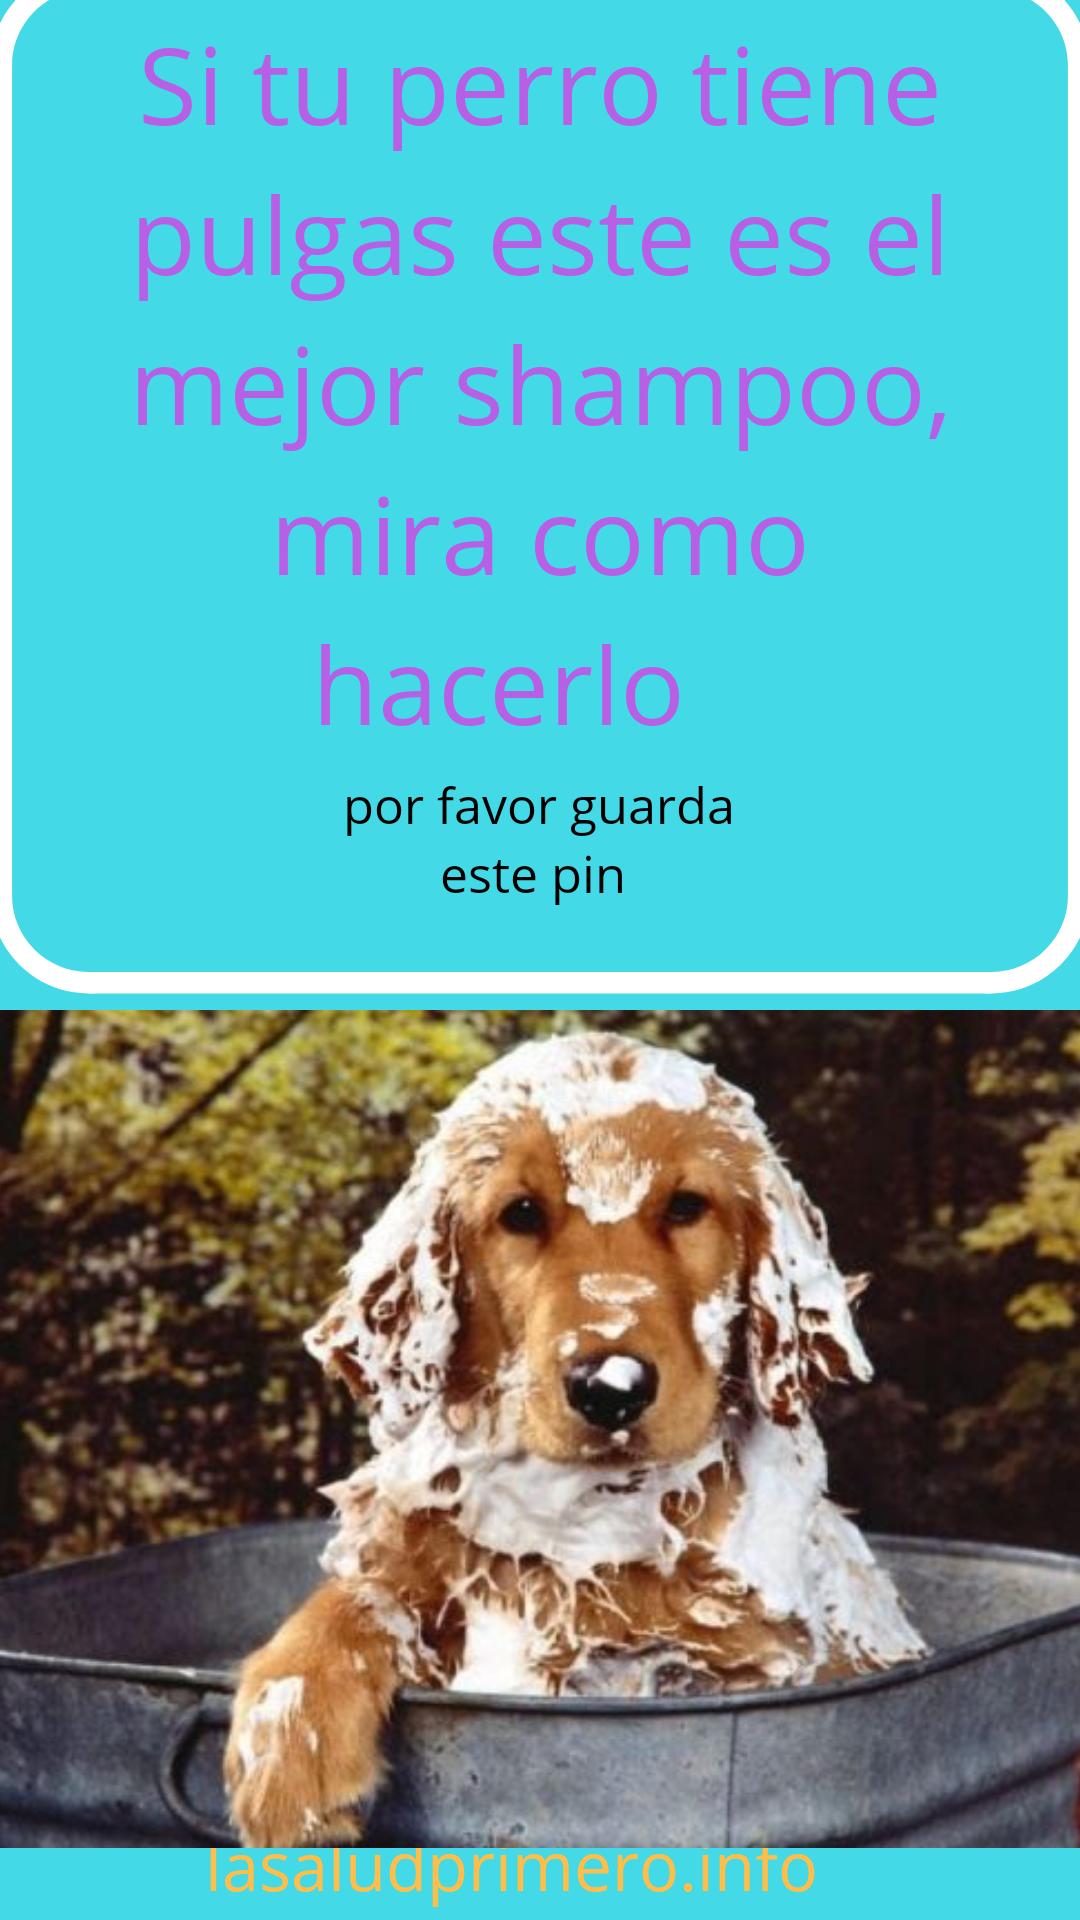 Como Matar Las Pulgas De Mi Perro Remedios Caseros La Salud Primero Pulgas Perros Pulgas Perros